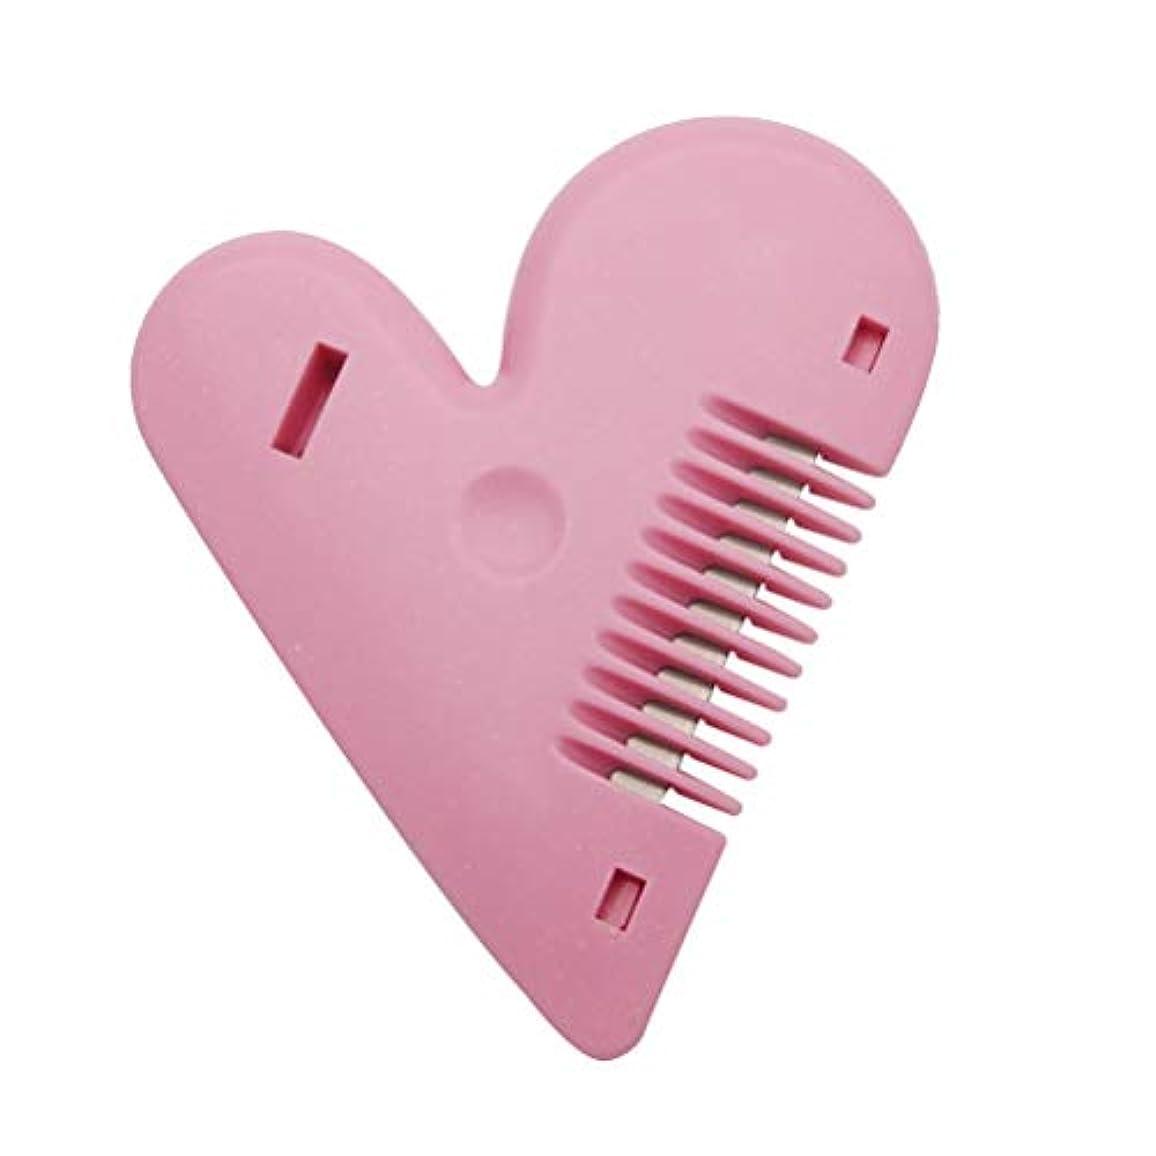 ブロンズ外交官スカーフLurrose 両面間伐櫛ハート型ヘアカットハサミプラスチックトリマーカミソリ髪用(ピンク)